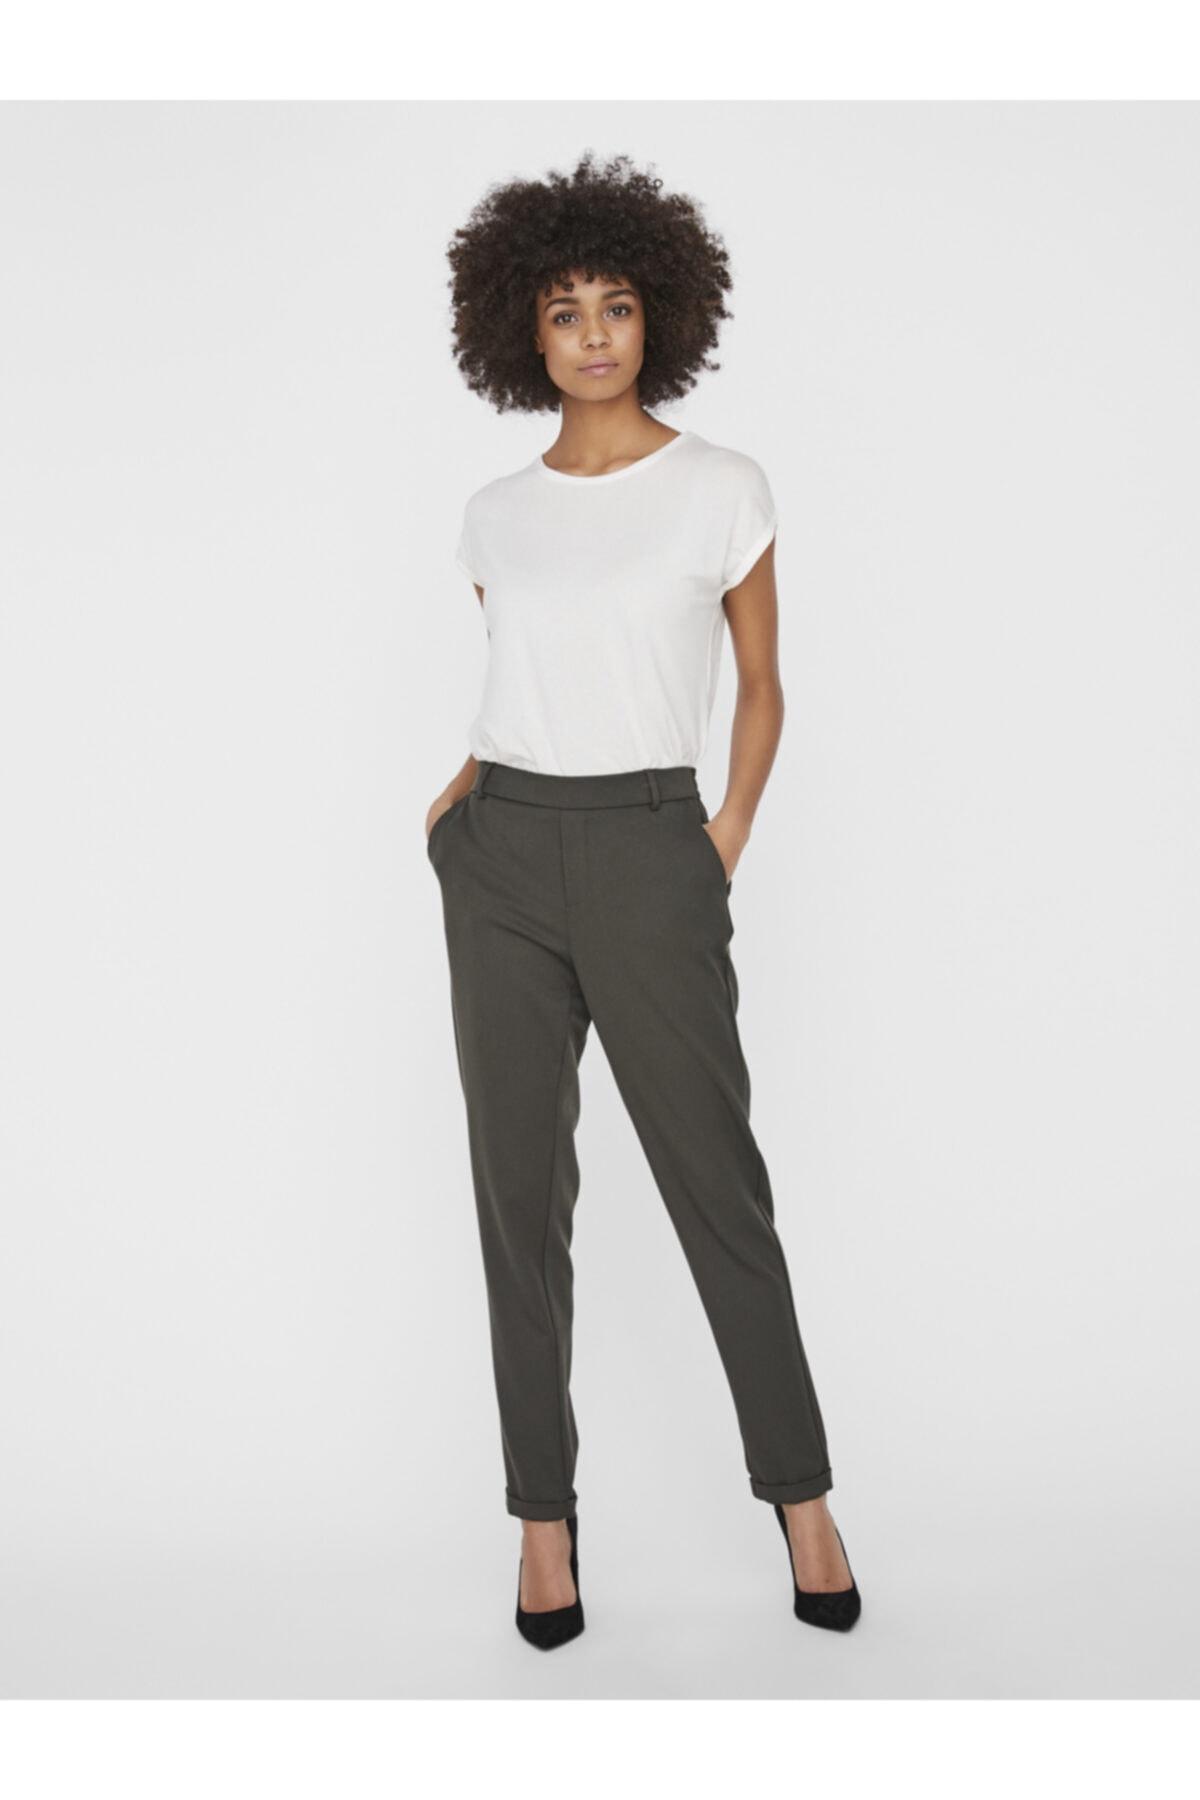 Vero Moda Kadın Haki Düz Kesim Paçaları Katlamalı Kumaş Pantolon 10225280 VMMAYA 1